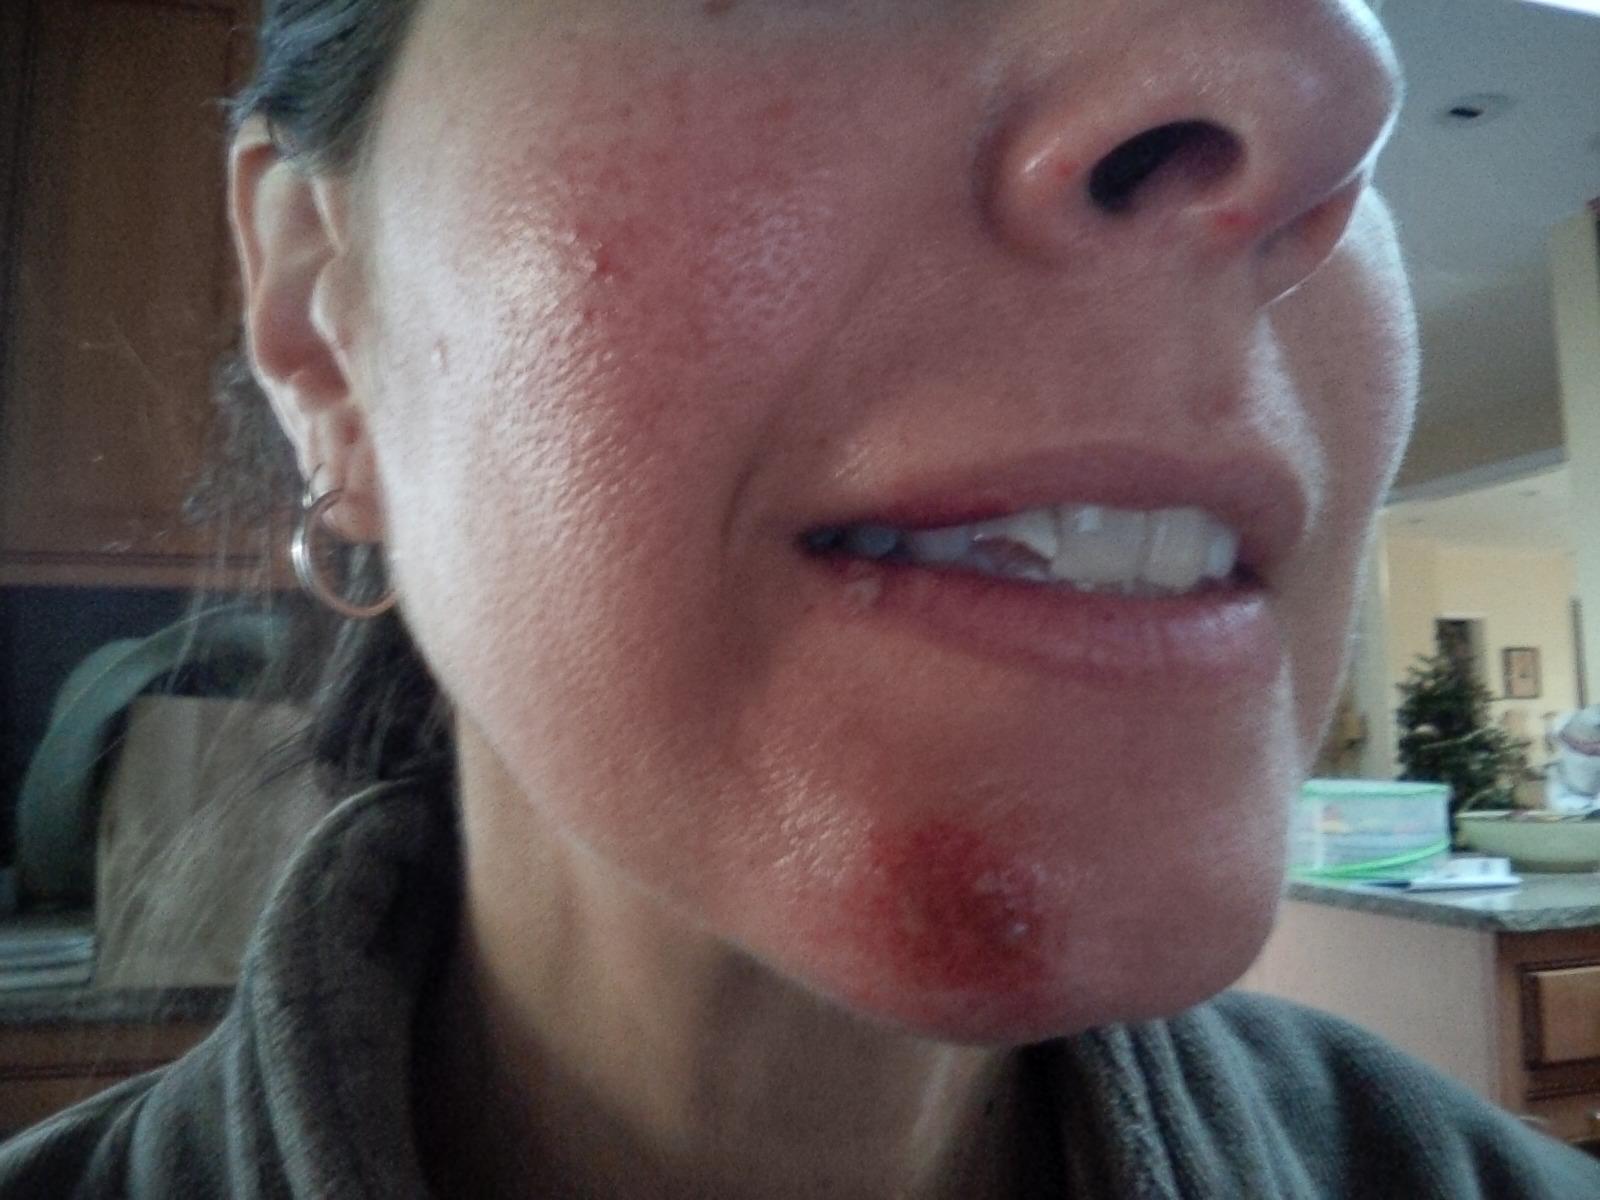 Christy face damage